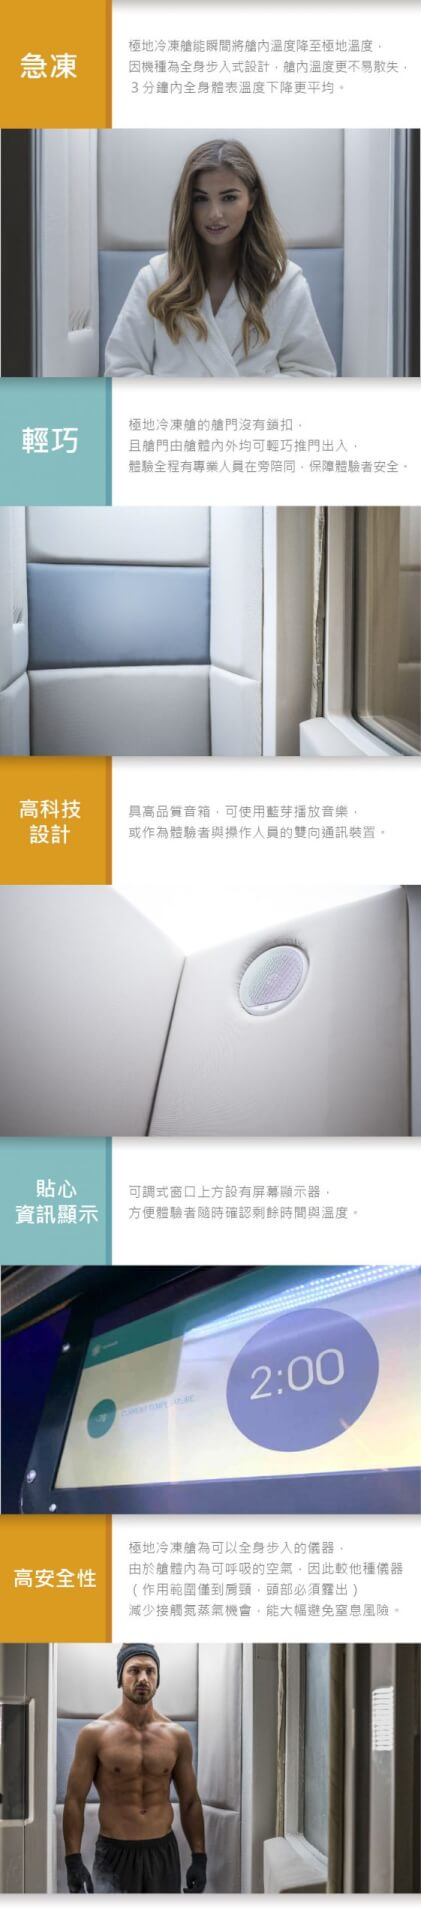 極地冷凍艙由歐洲引進,該品牌擁有多年低溫應用設備研發、製造與銷售經驗。全球超過數百個零售據點,並連續兩年蟬聯美國品牌銷售前五名。 同時符合歐盟CE認證,品質安全可靠。